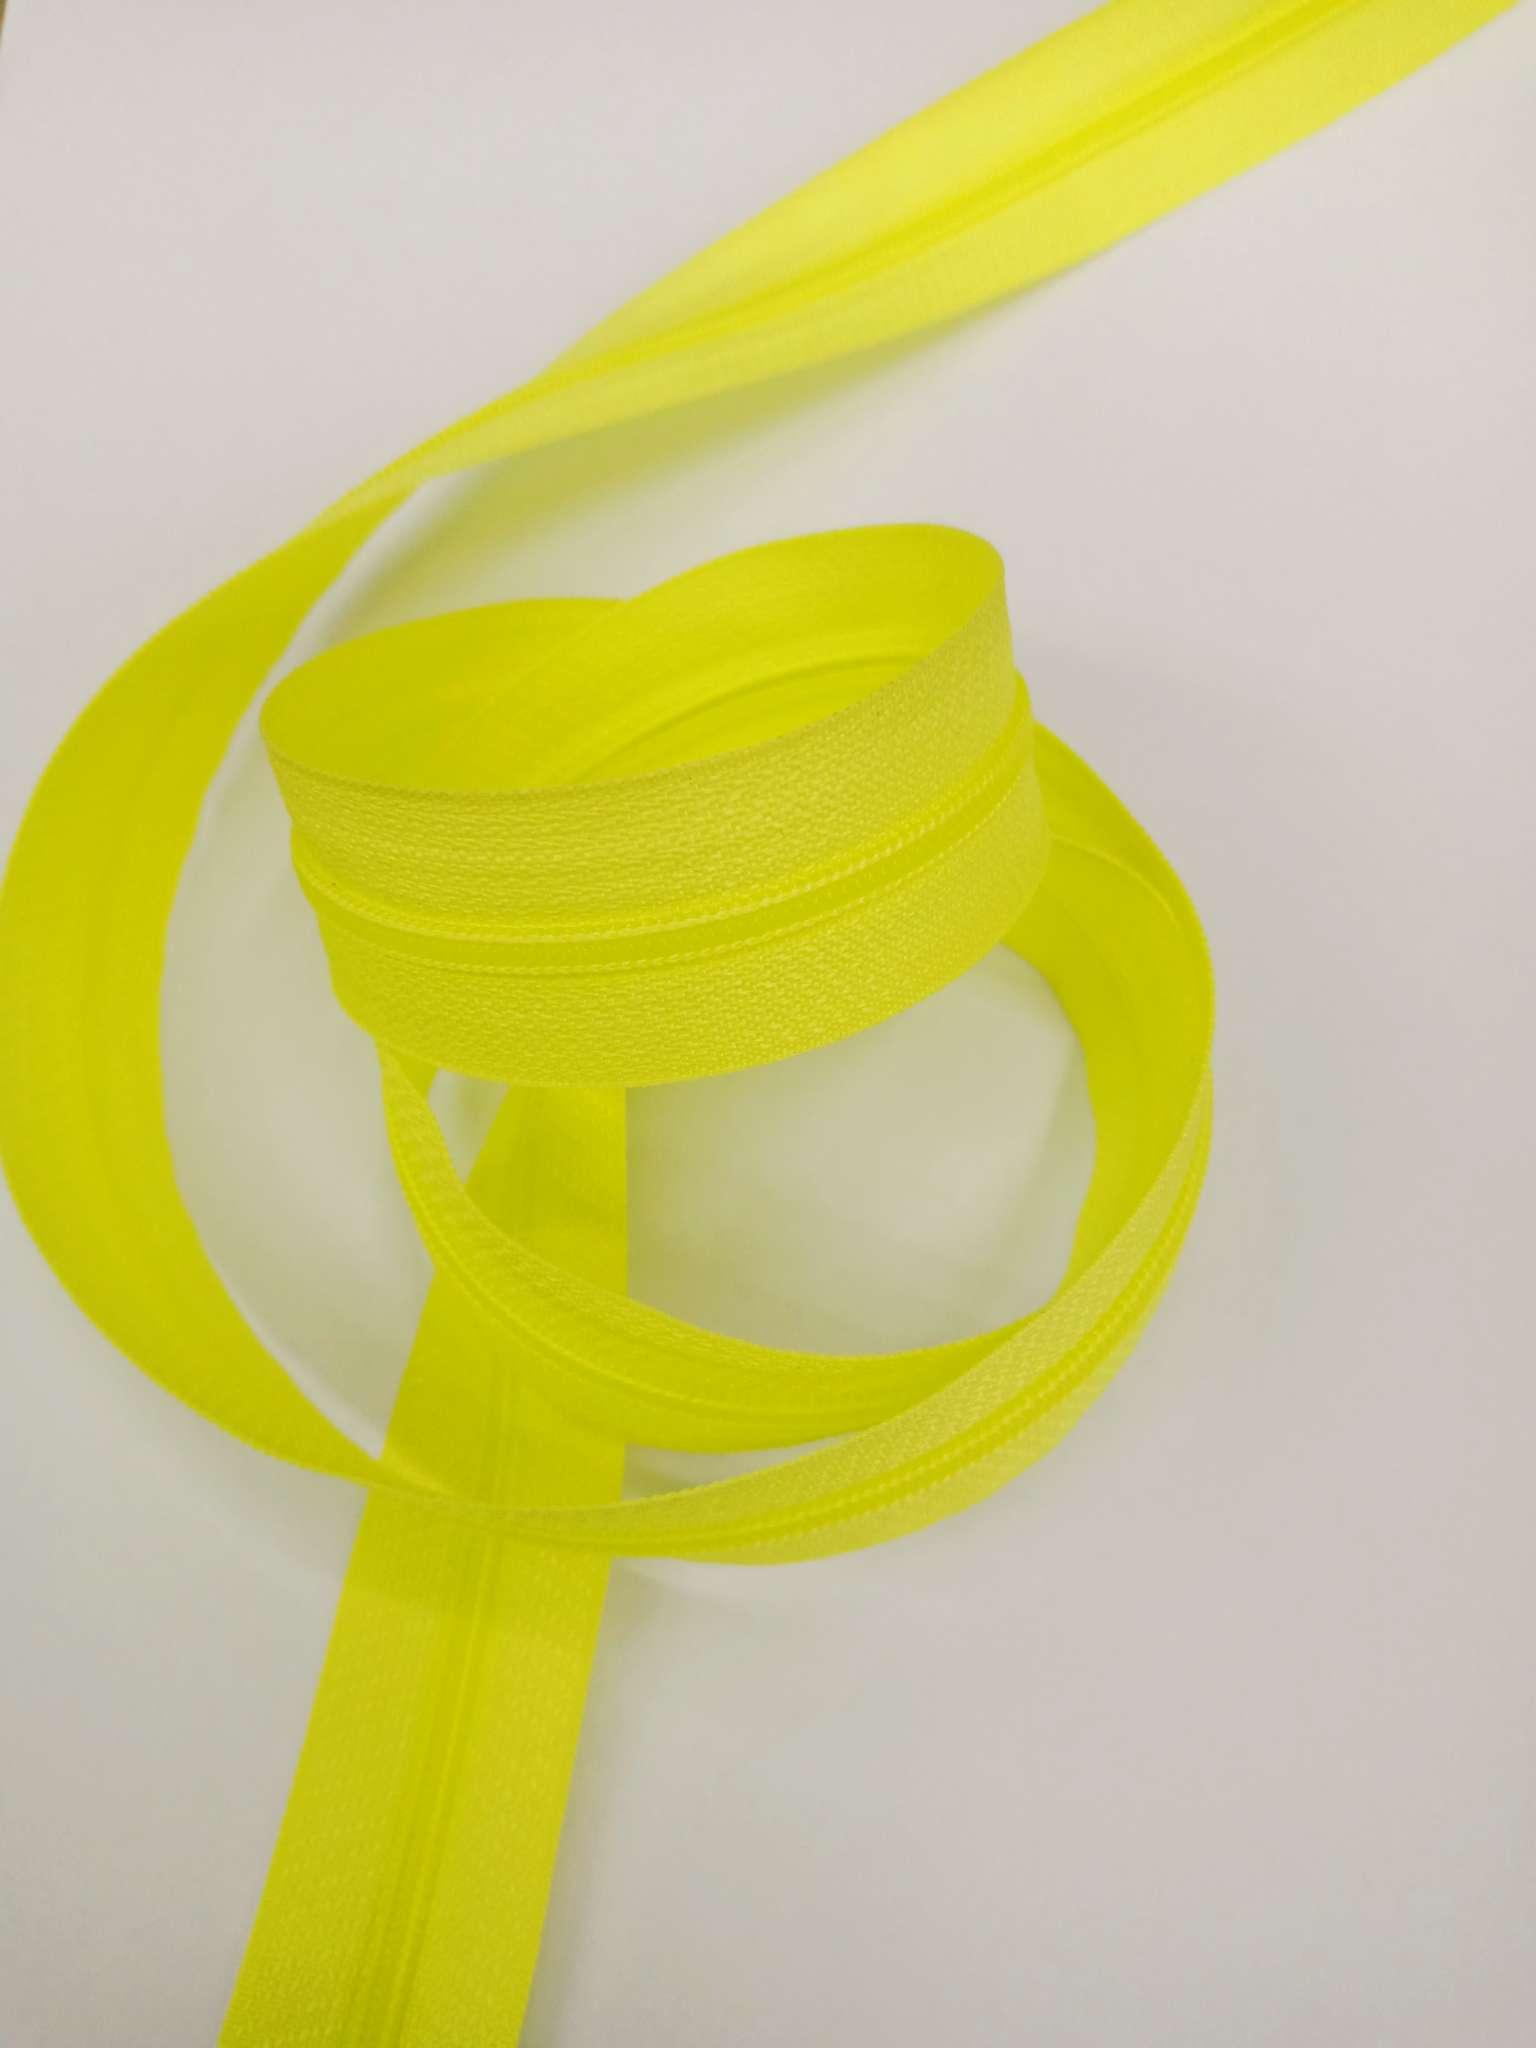 厂家直销3#尼龙拉链码装童装拉链 玩具拉链 箱包拉链,可随意自制尺寸